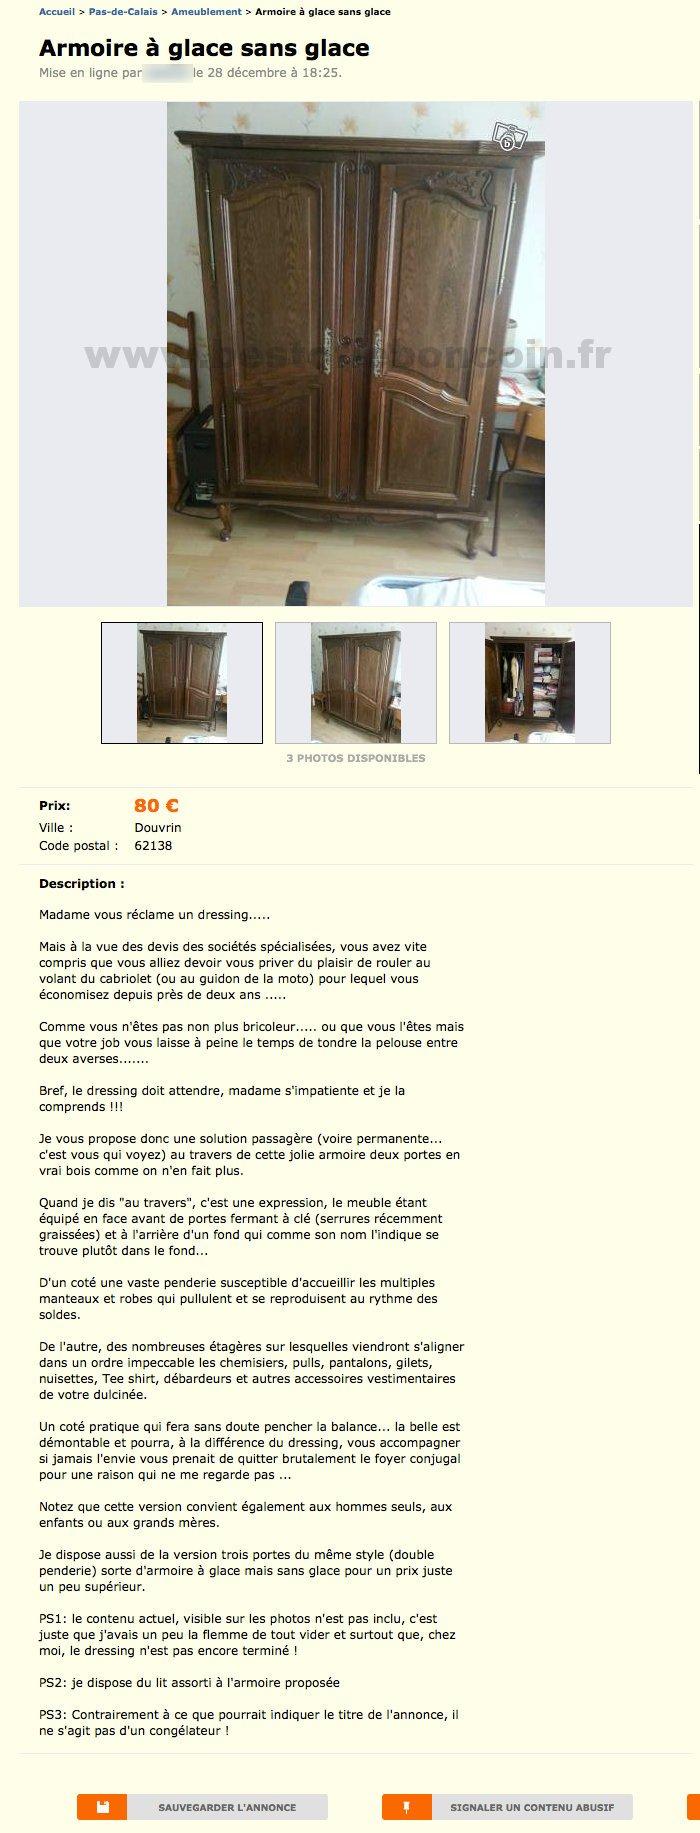 armoire glace sans glace ameublement nord pas de calais best of le bon coin. Black Bedroom Furniture Sets. Home Design Ideas